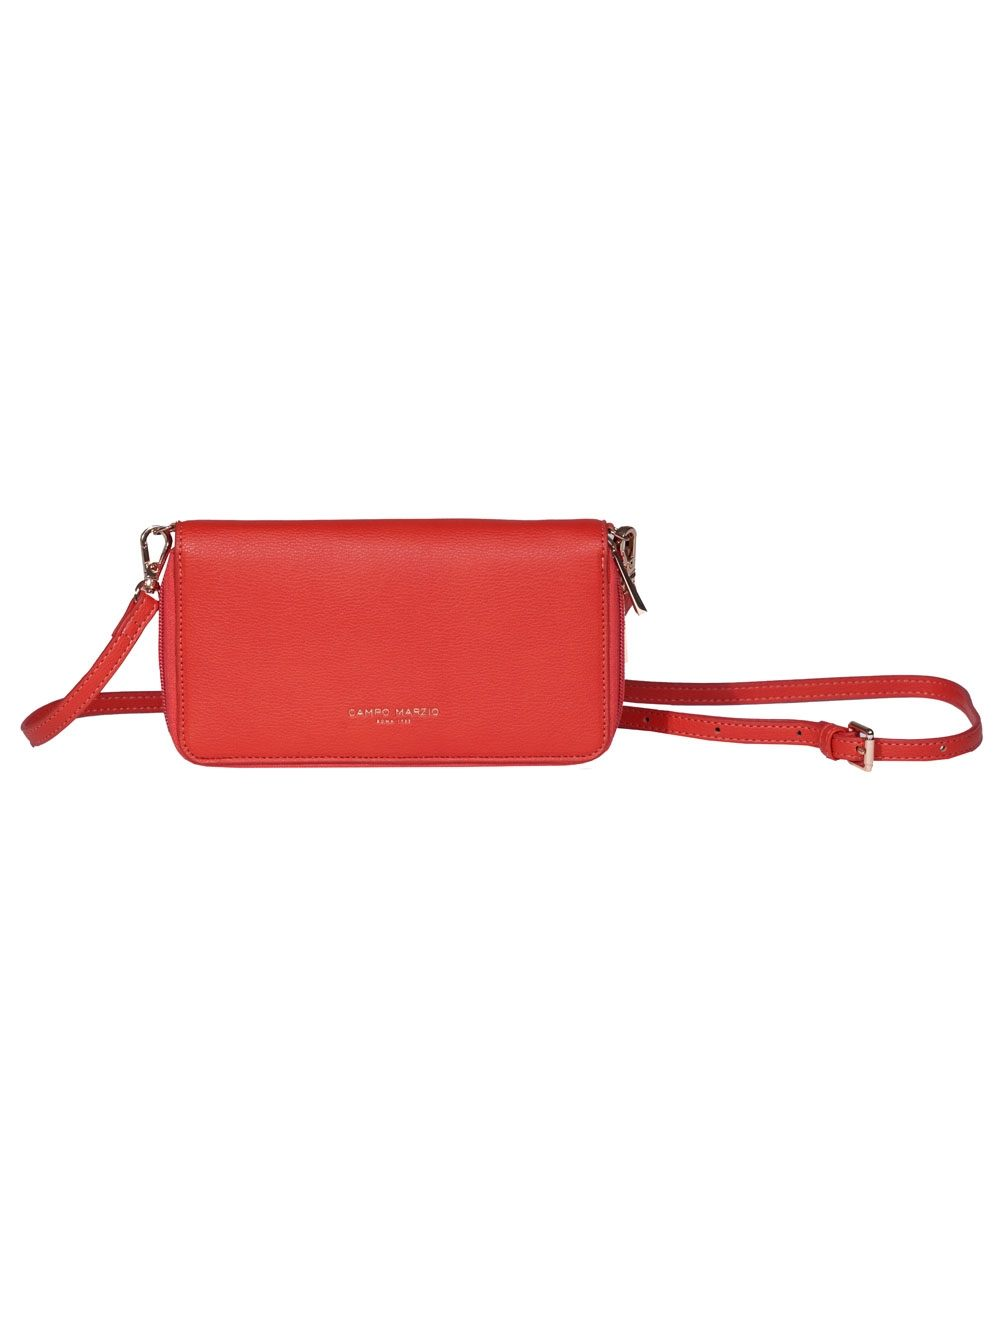 Charlotte Wallet Bag